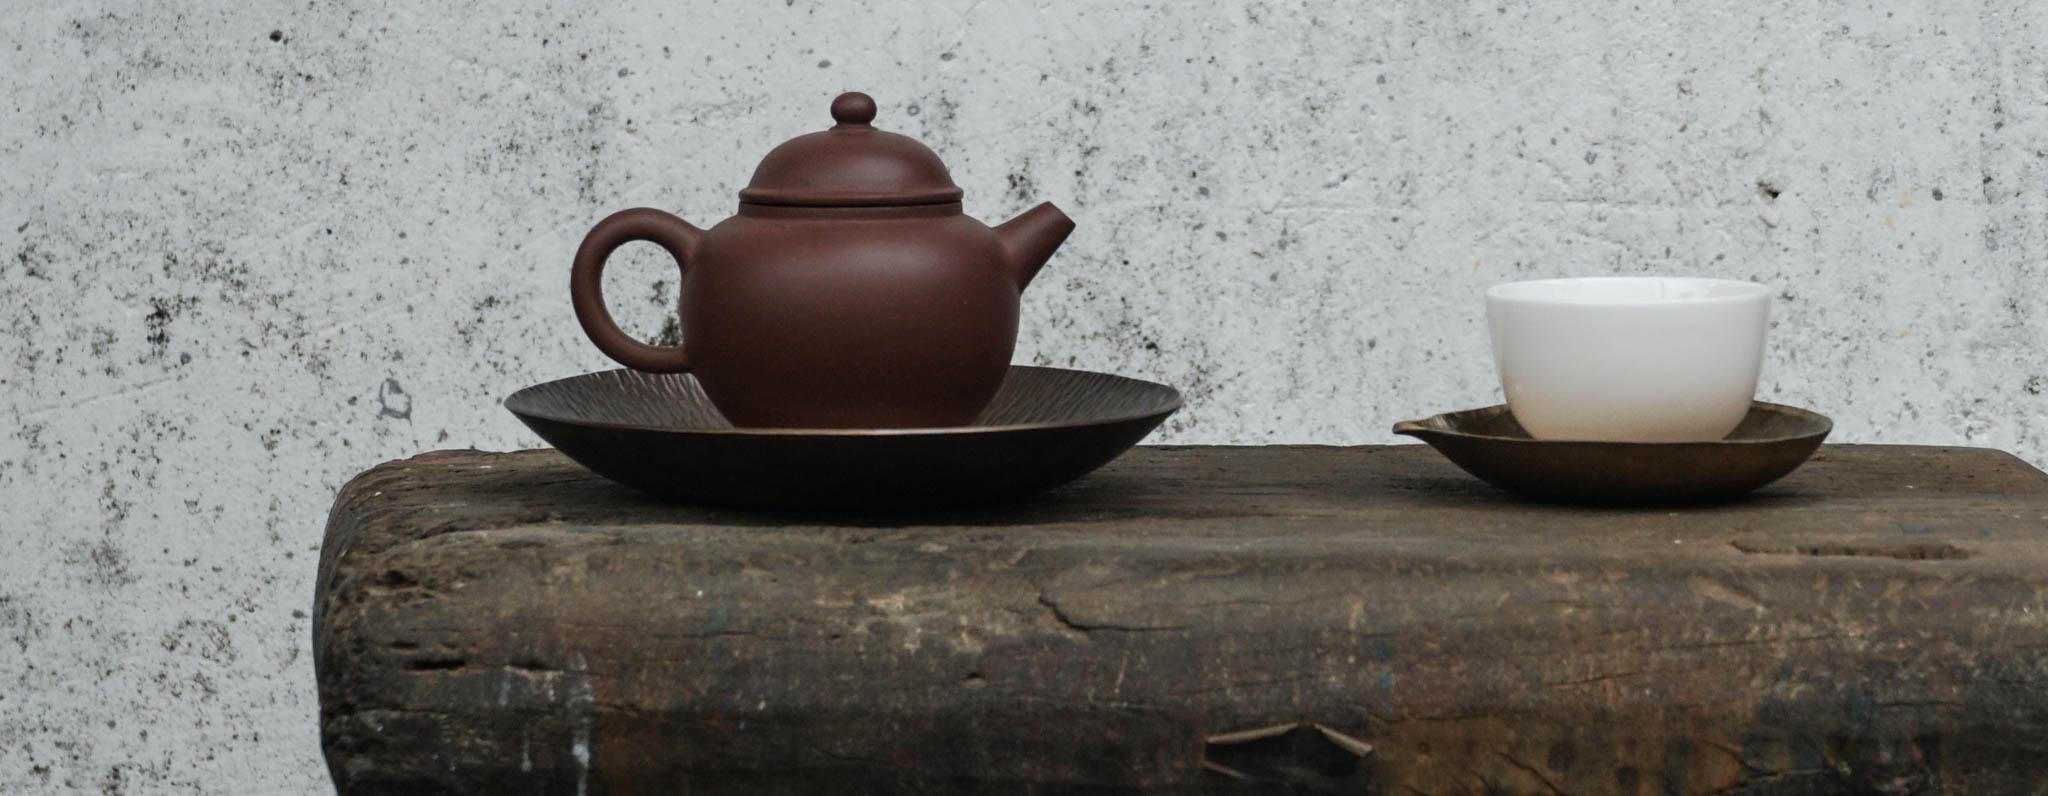 Zen Teekanne auf Bank